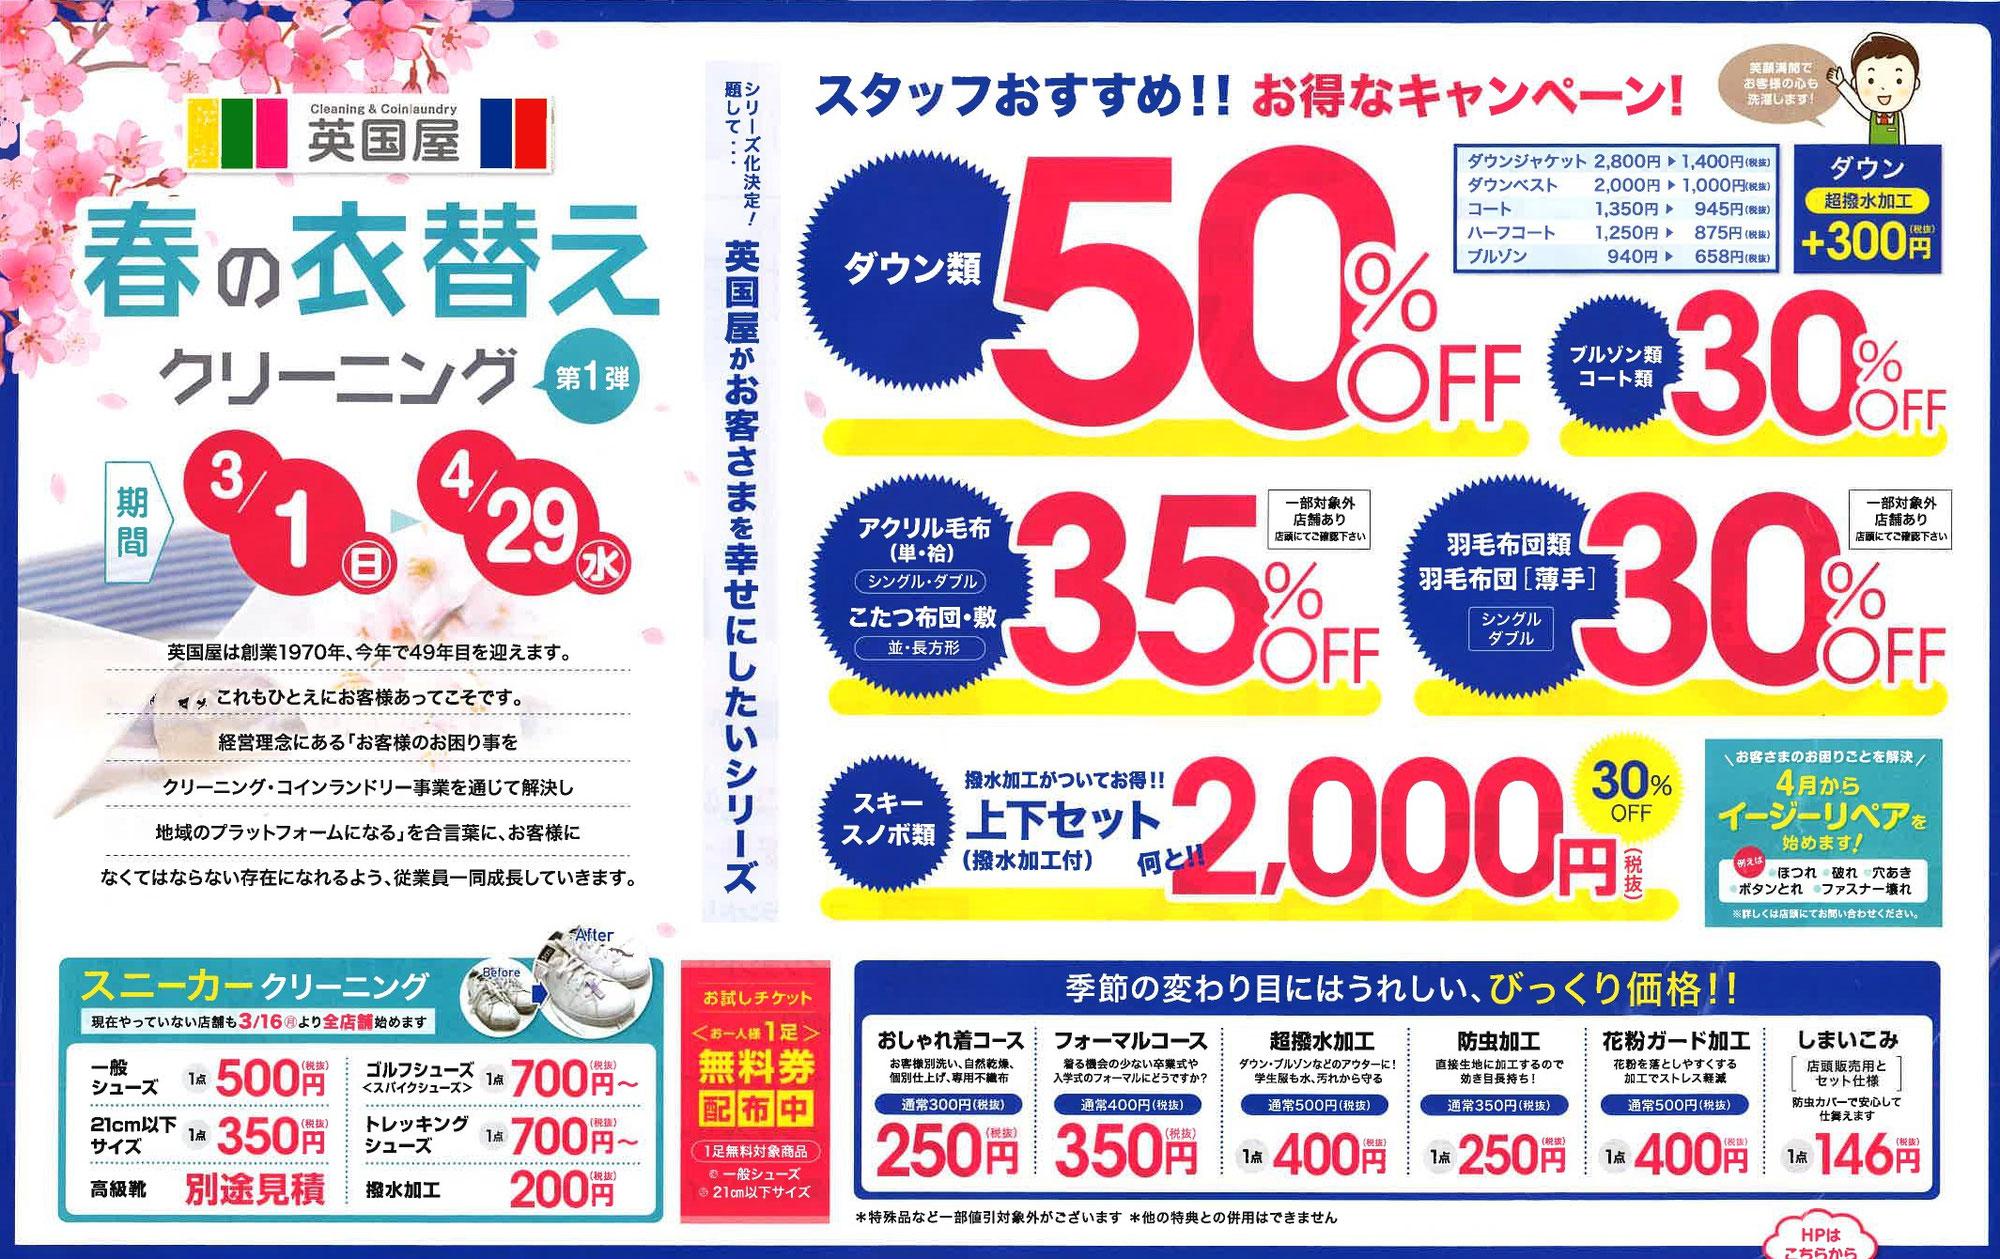 【3月24日〜31日】冬物クリーニングが半額!